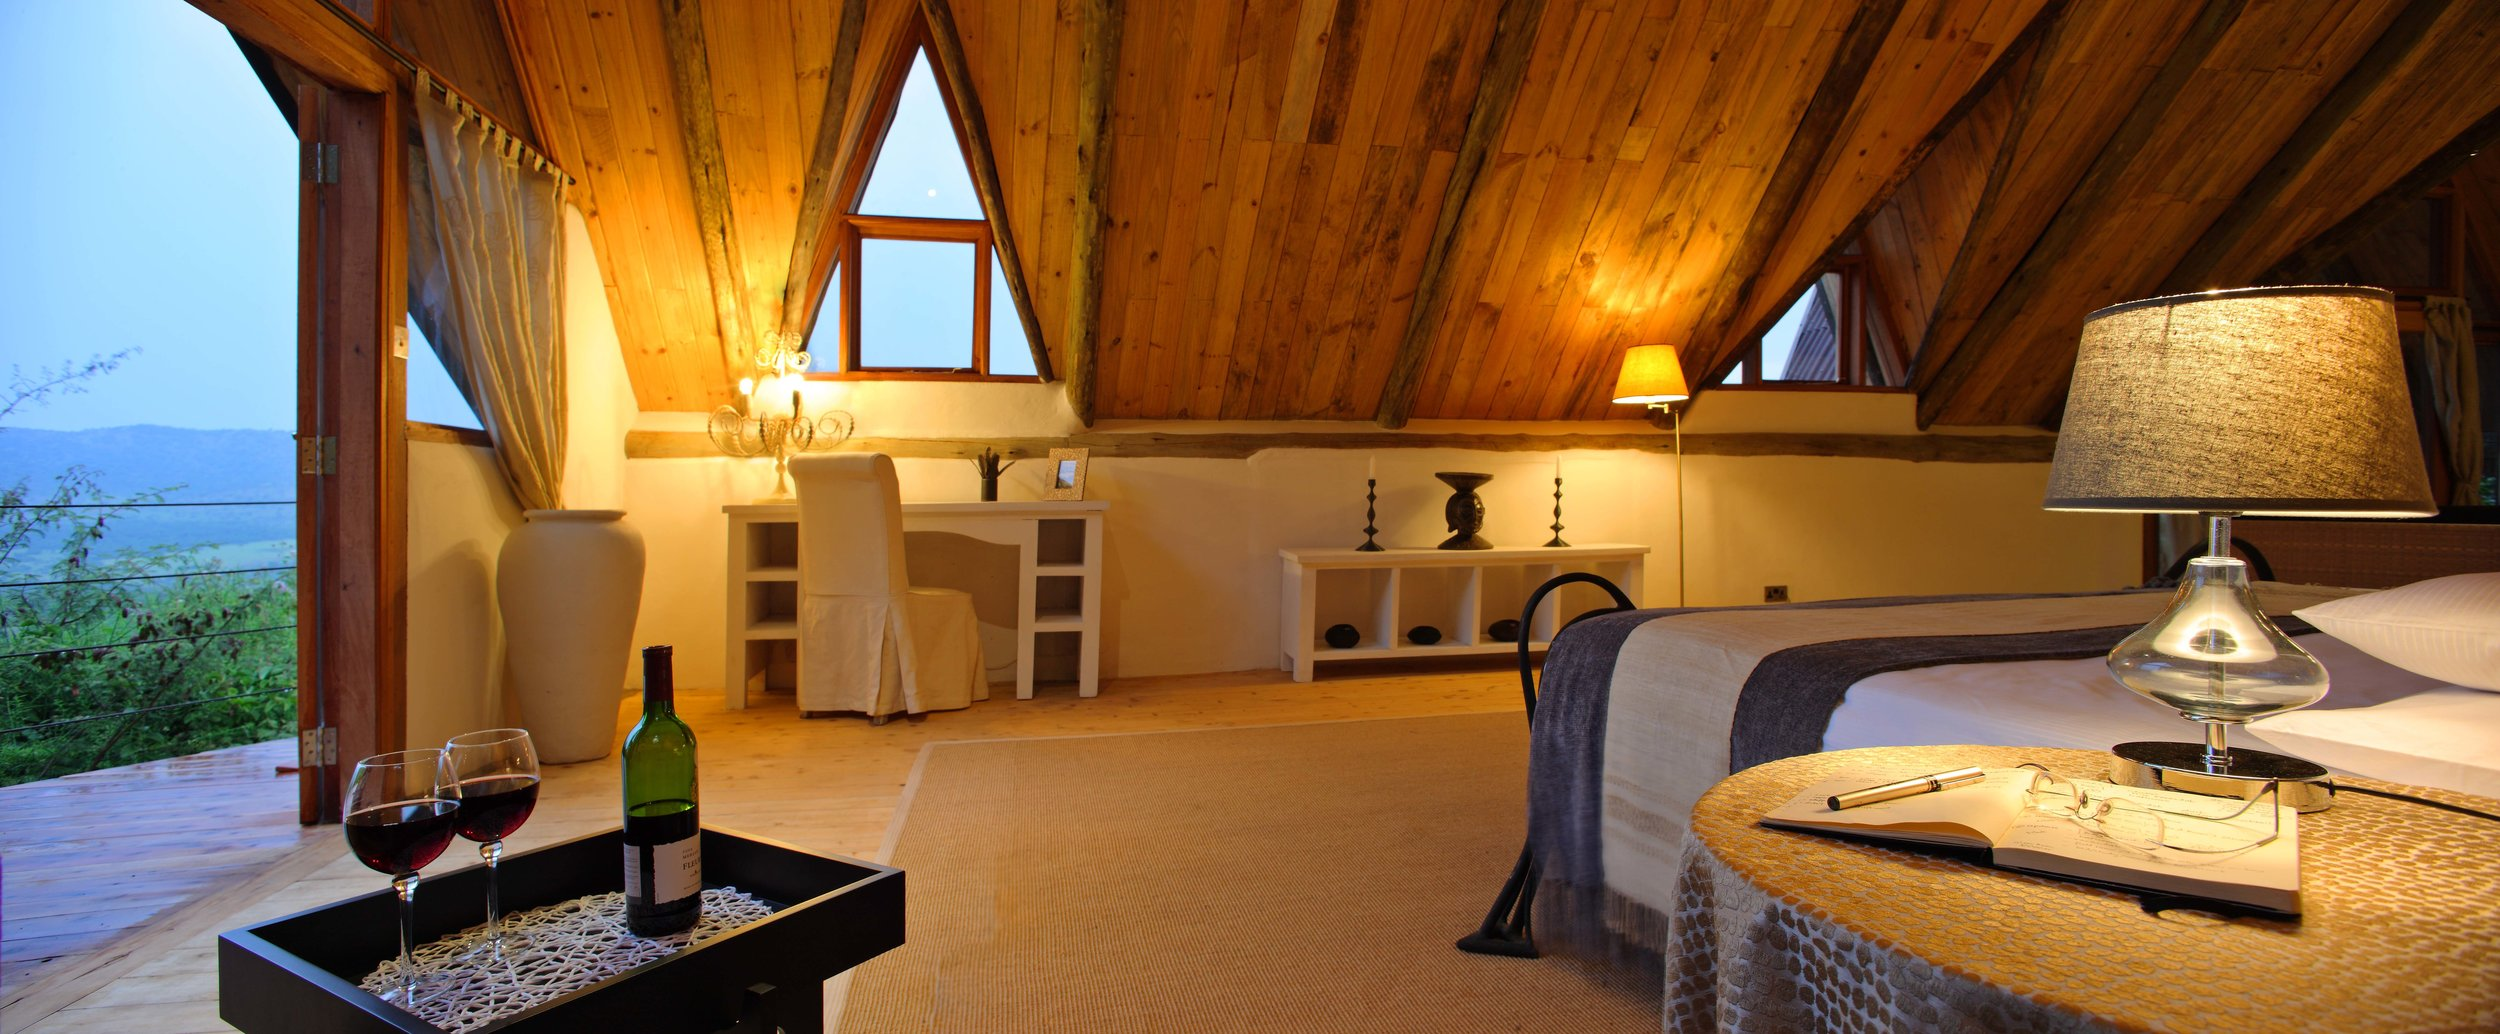 Cottars Private House - Master Bedroom 2.jpg